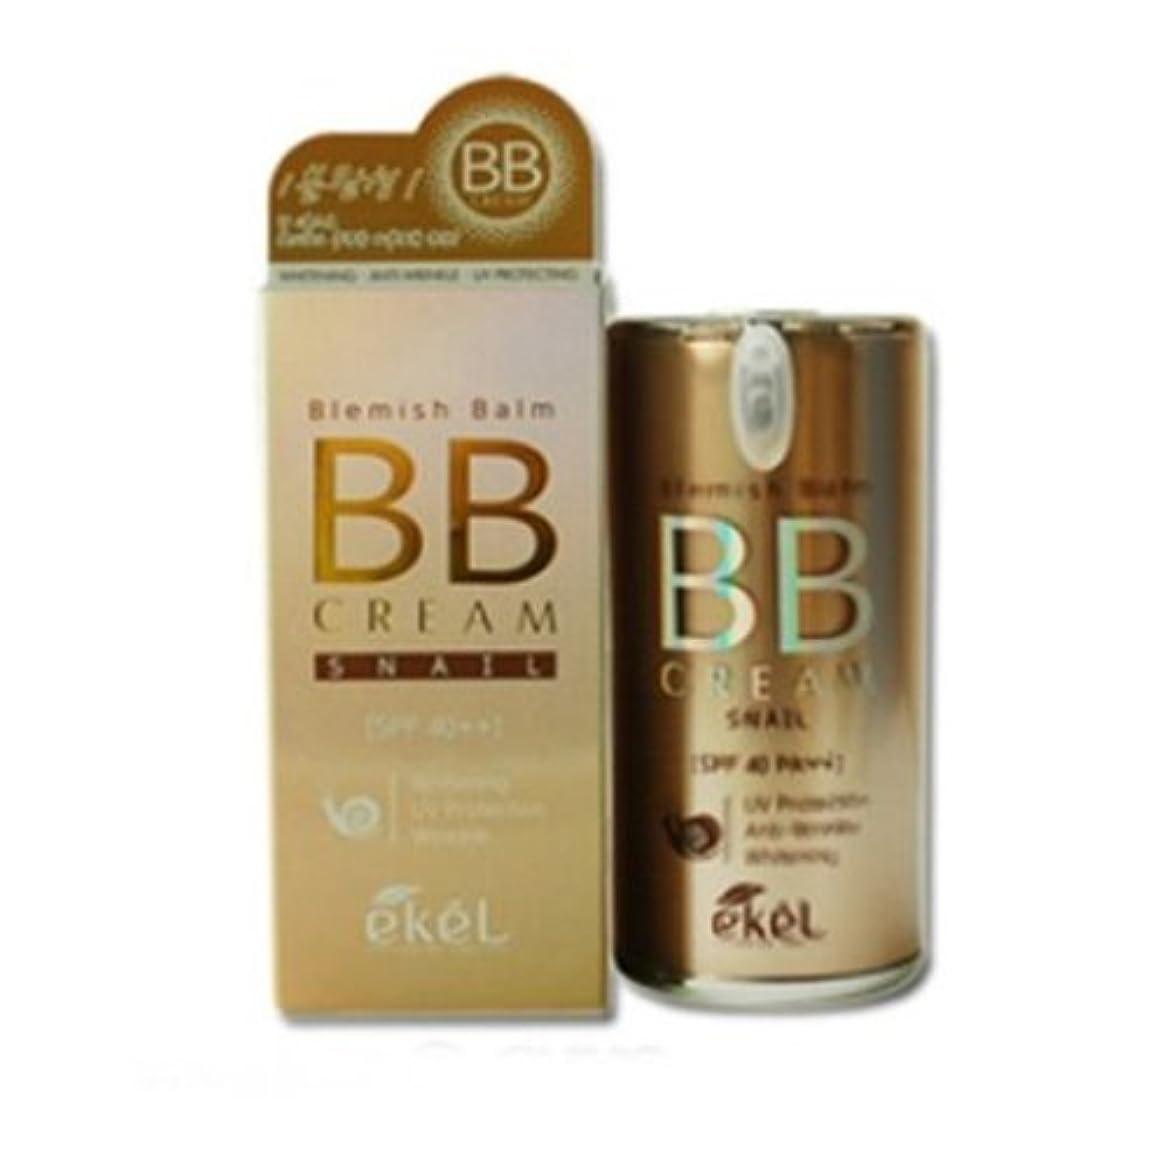 年次プラットフォームおんどりイケル[韓国コスメEkel]Blemish Balm Snail BB Cream ブレムスバームカタツムリBBクリーム50g SPF40 PA++[並行輸入品]